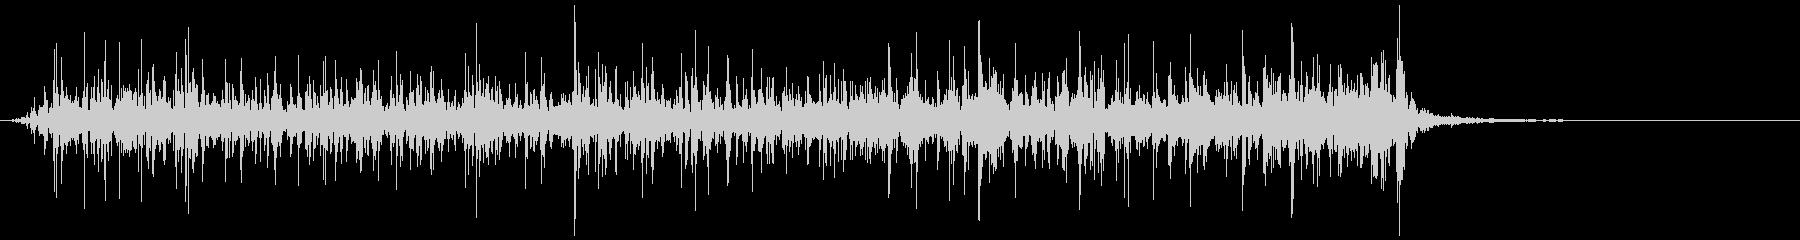 シェービングクリーム (ジュワゥゥゥ)の未再生の波形